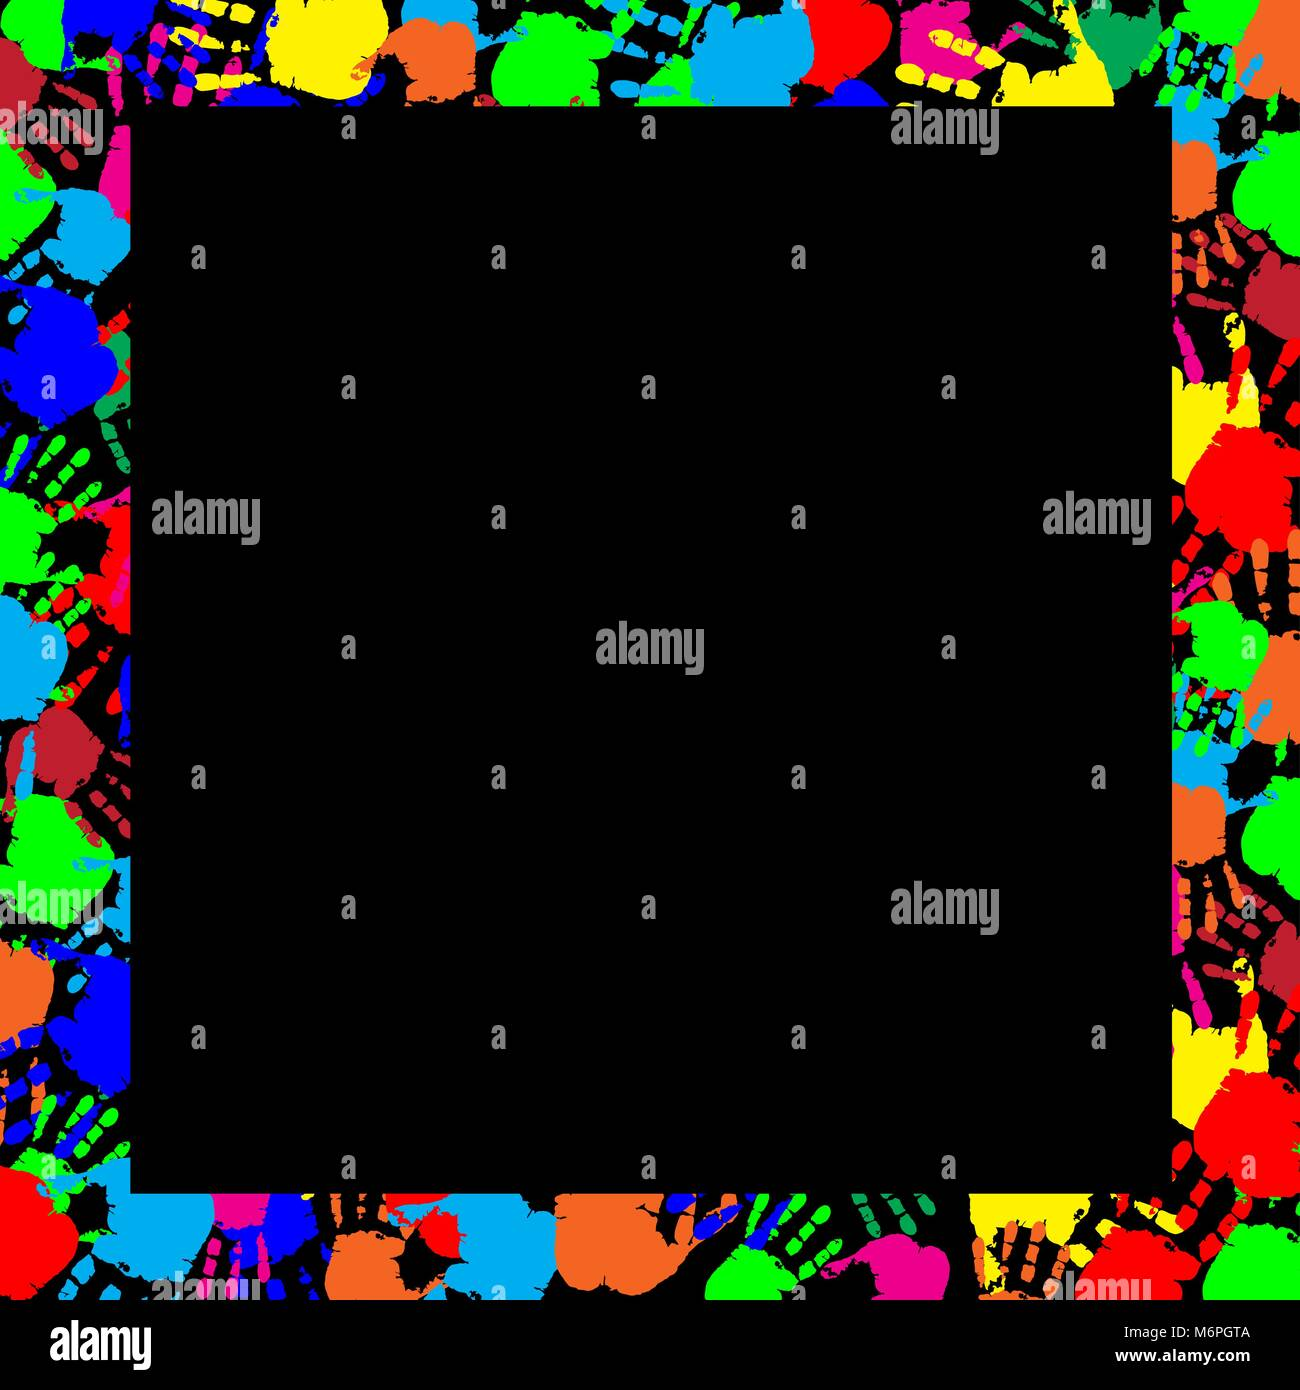 Arco iris de colores de marco de trabajo con copia vacía espacio para texto o imagen y huellas multicolores frontera aislado sobre fondo negro. Vector te festivo Ilustración del Vector